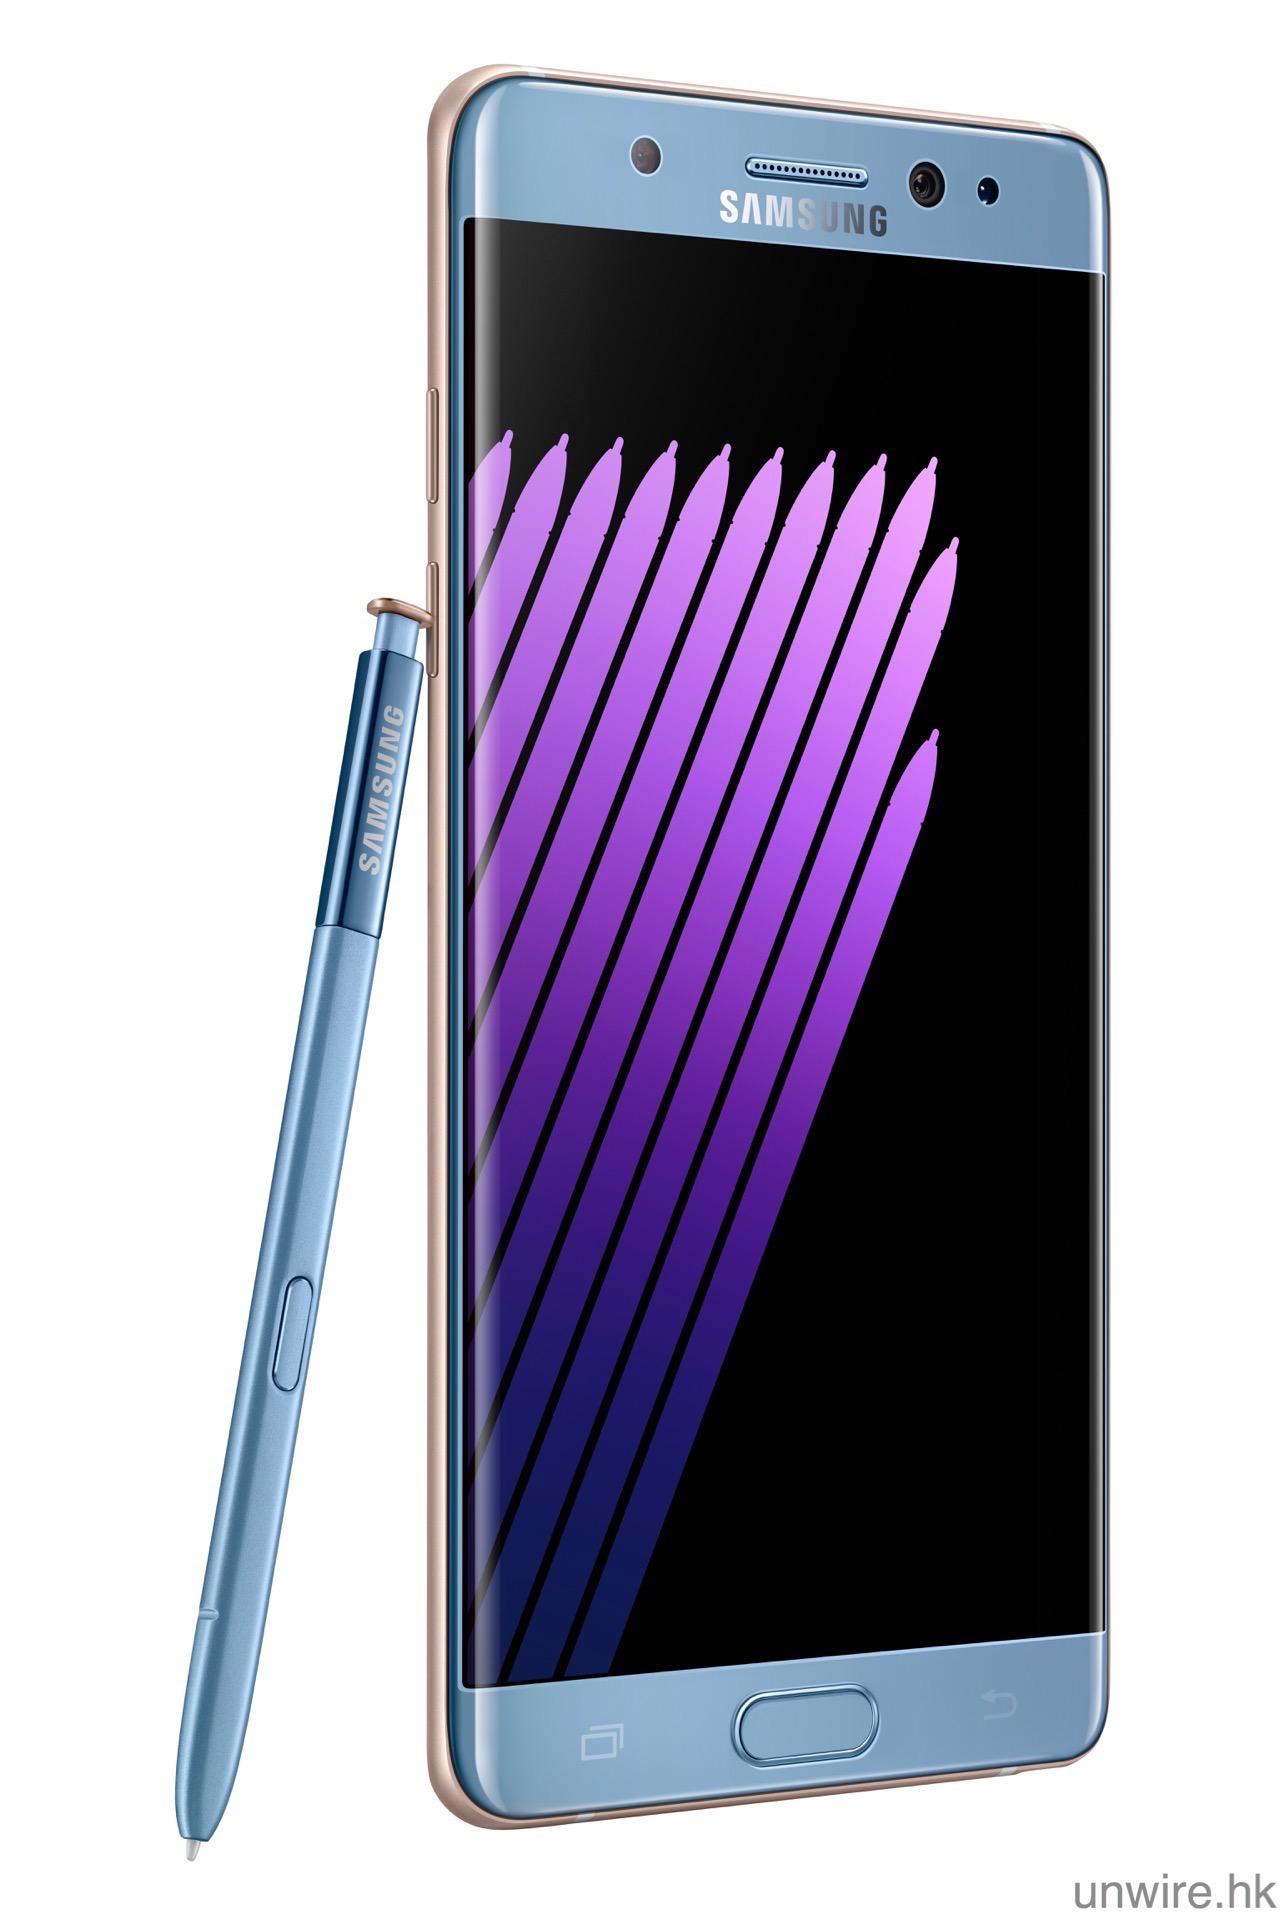 3 分鐘睇盡 Samsung Galaxy Note 7 十大功能 + 重點